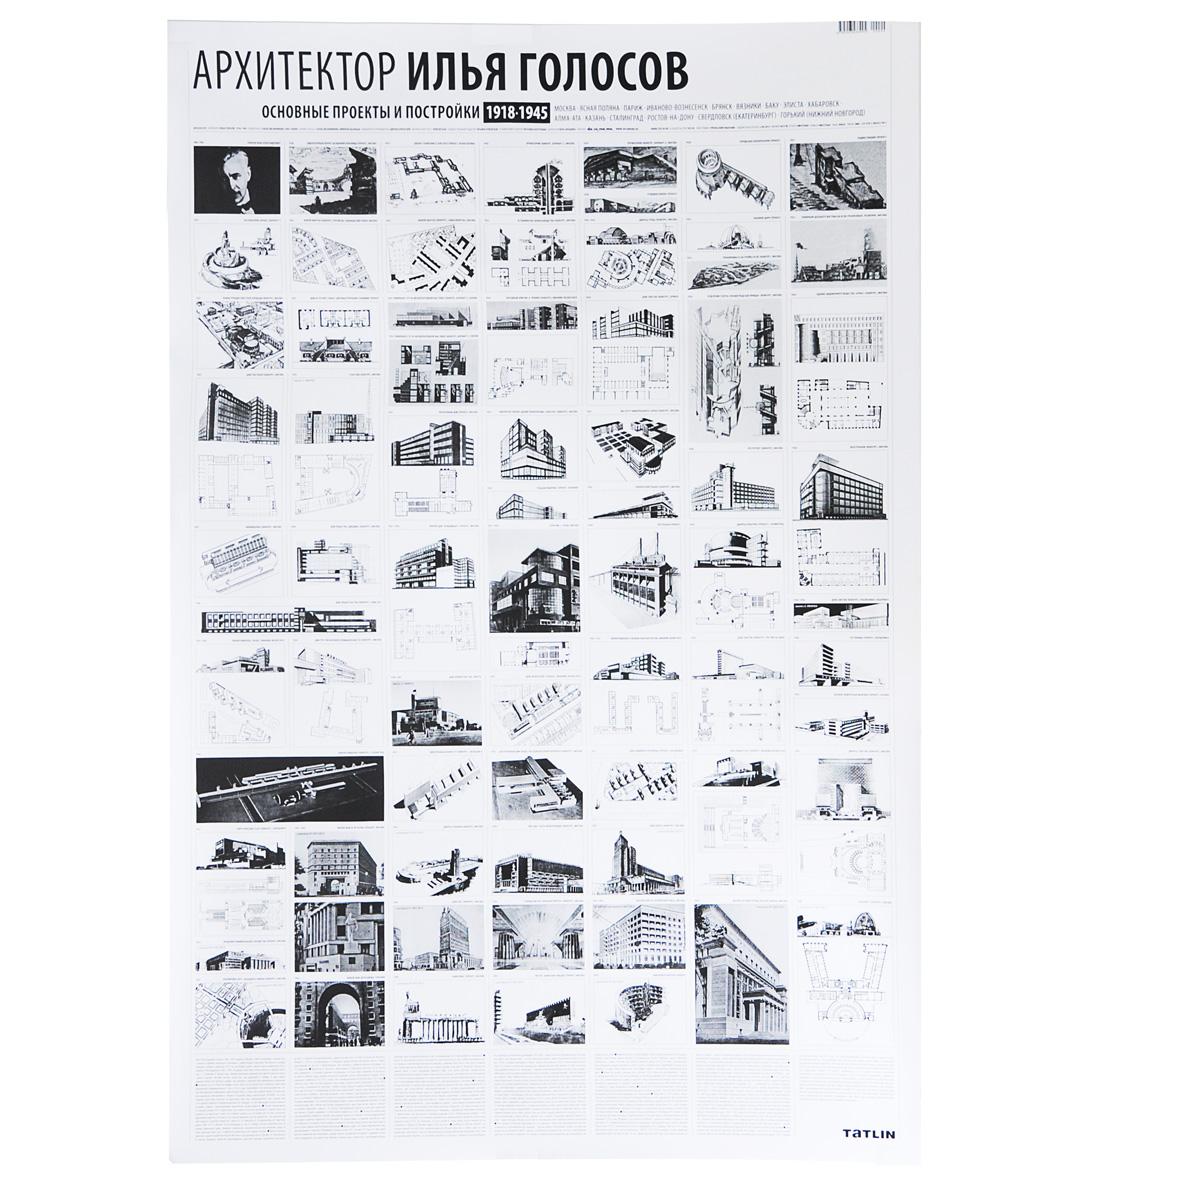 Archilog №5. Архитектор Илья Голосов. 1918-1945. Плакат